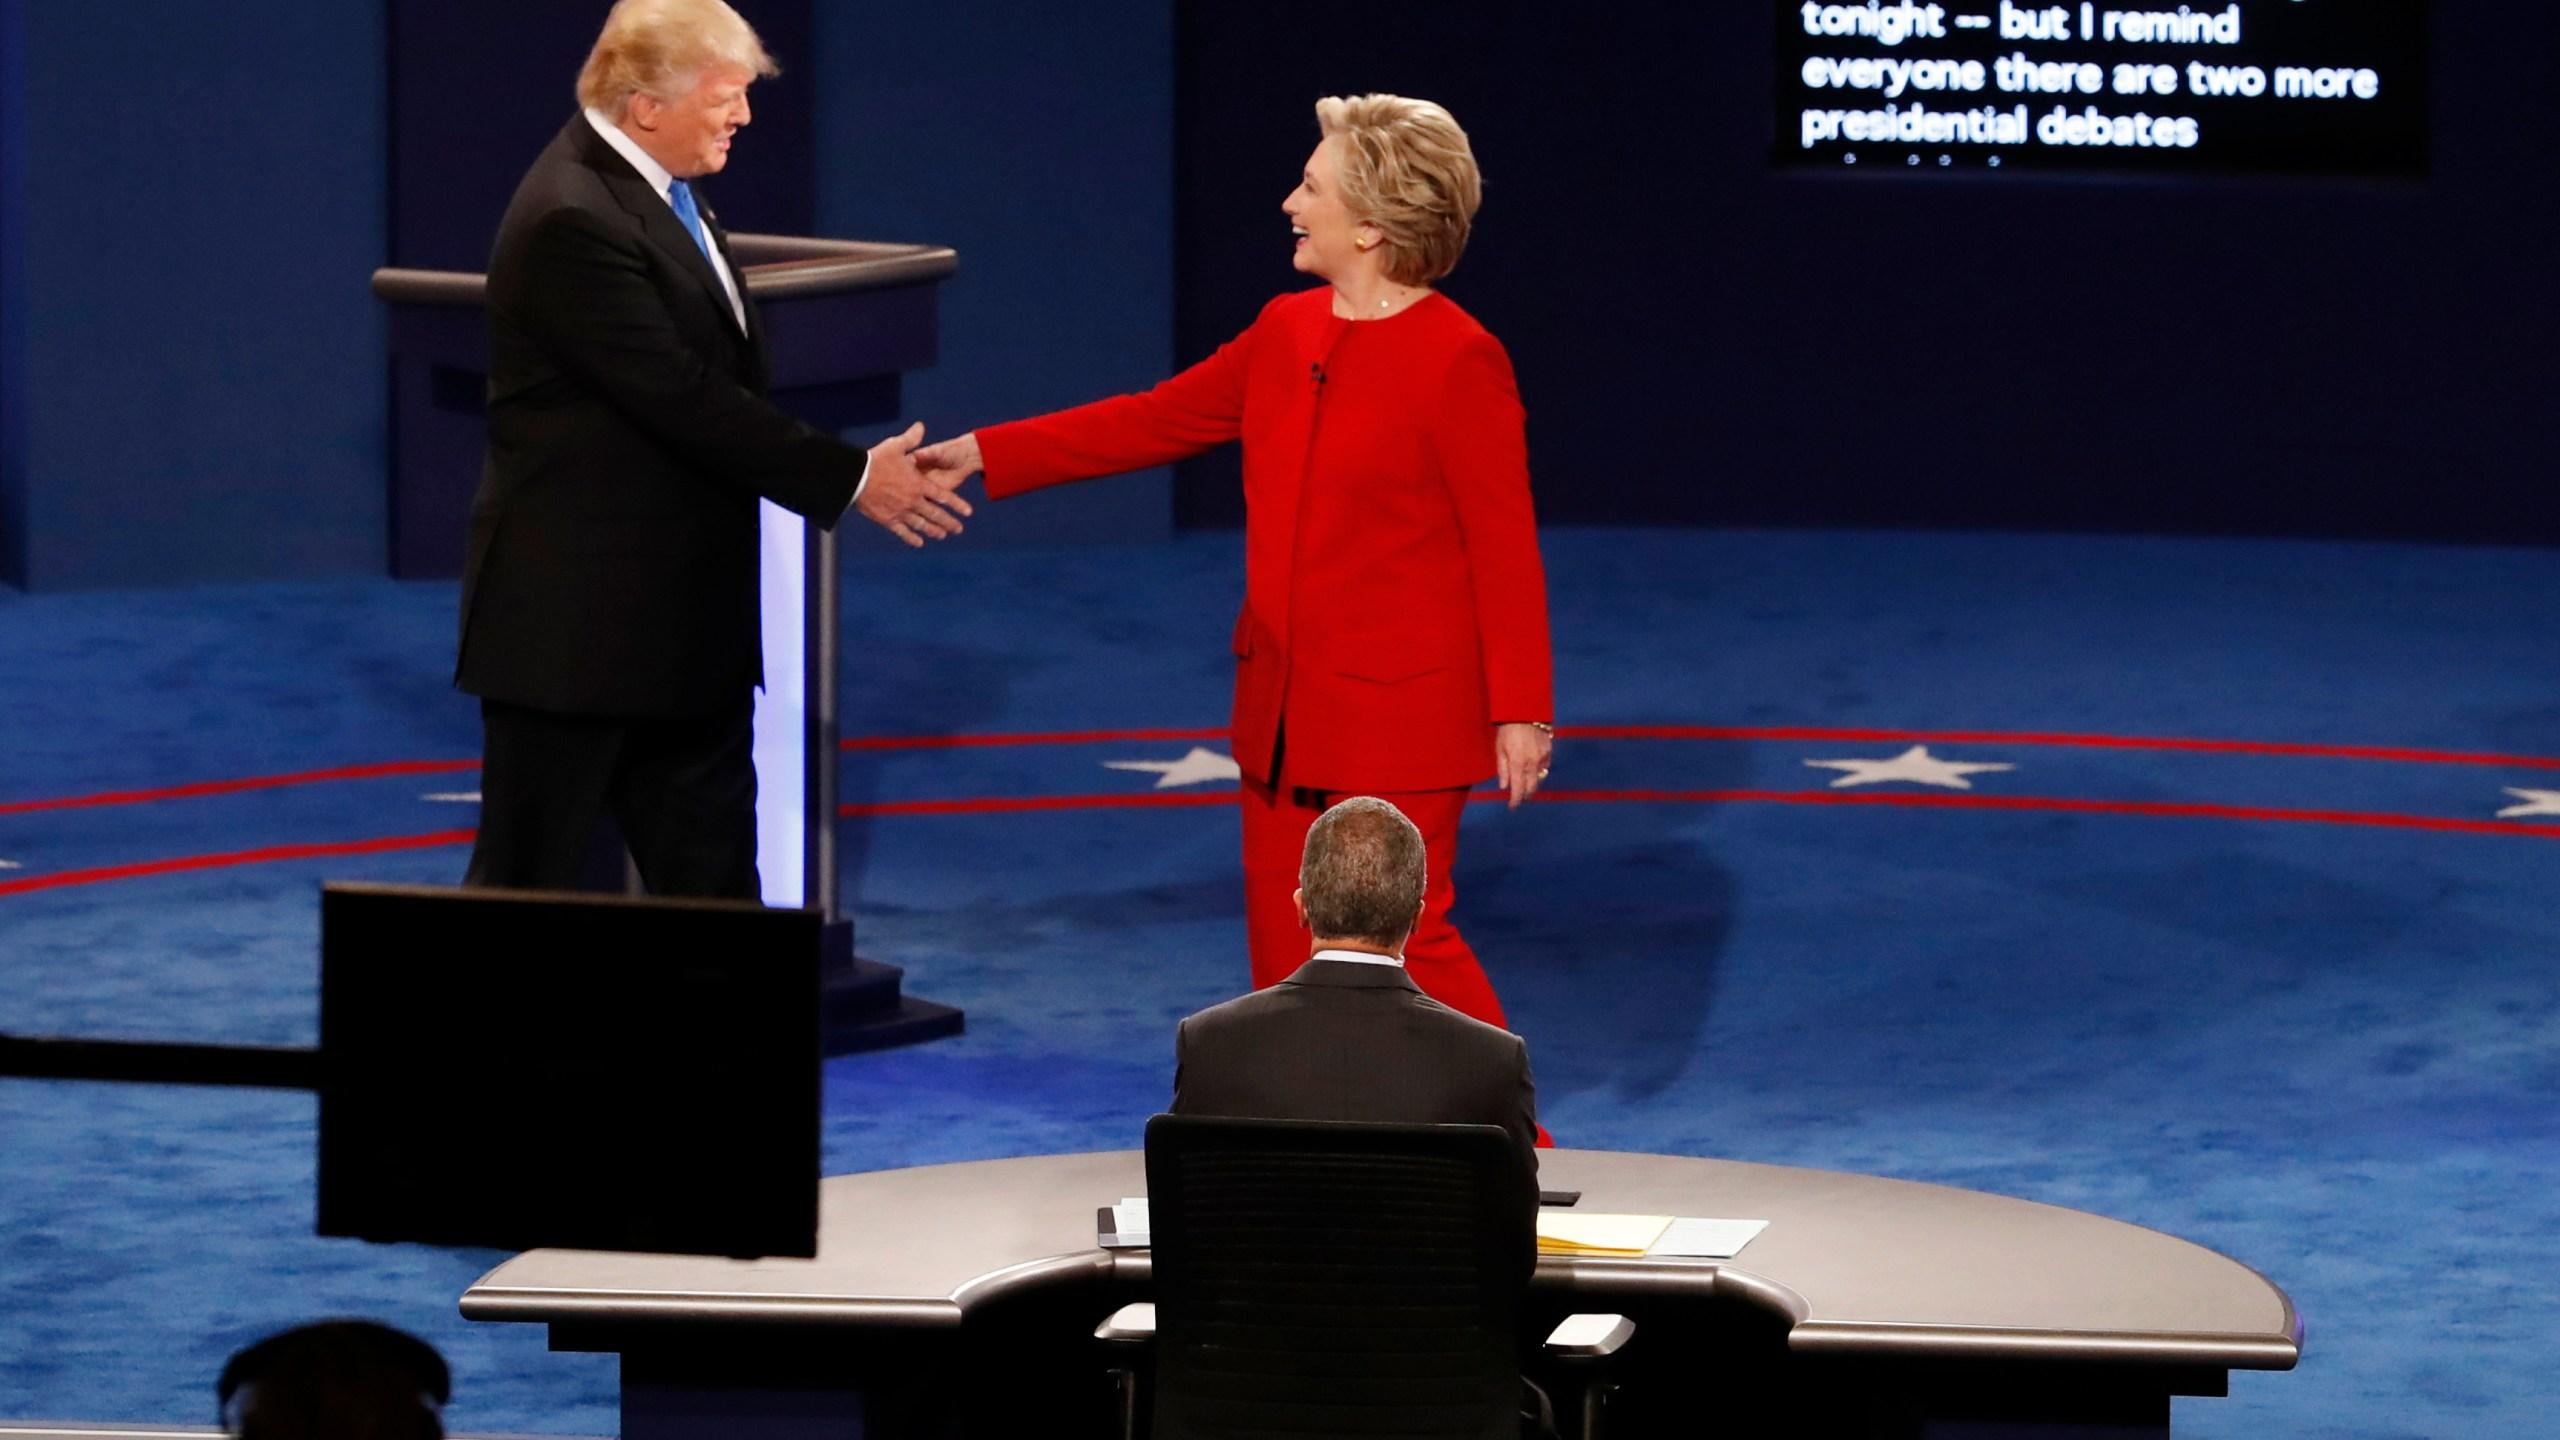 Campaign 2016 Debate_216558